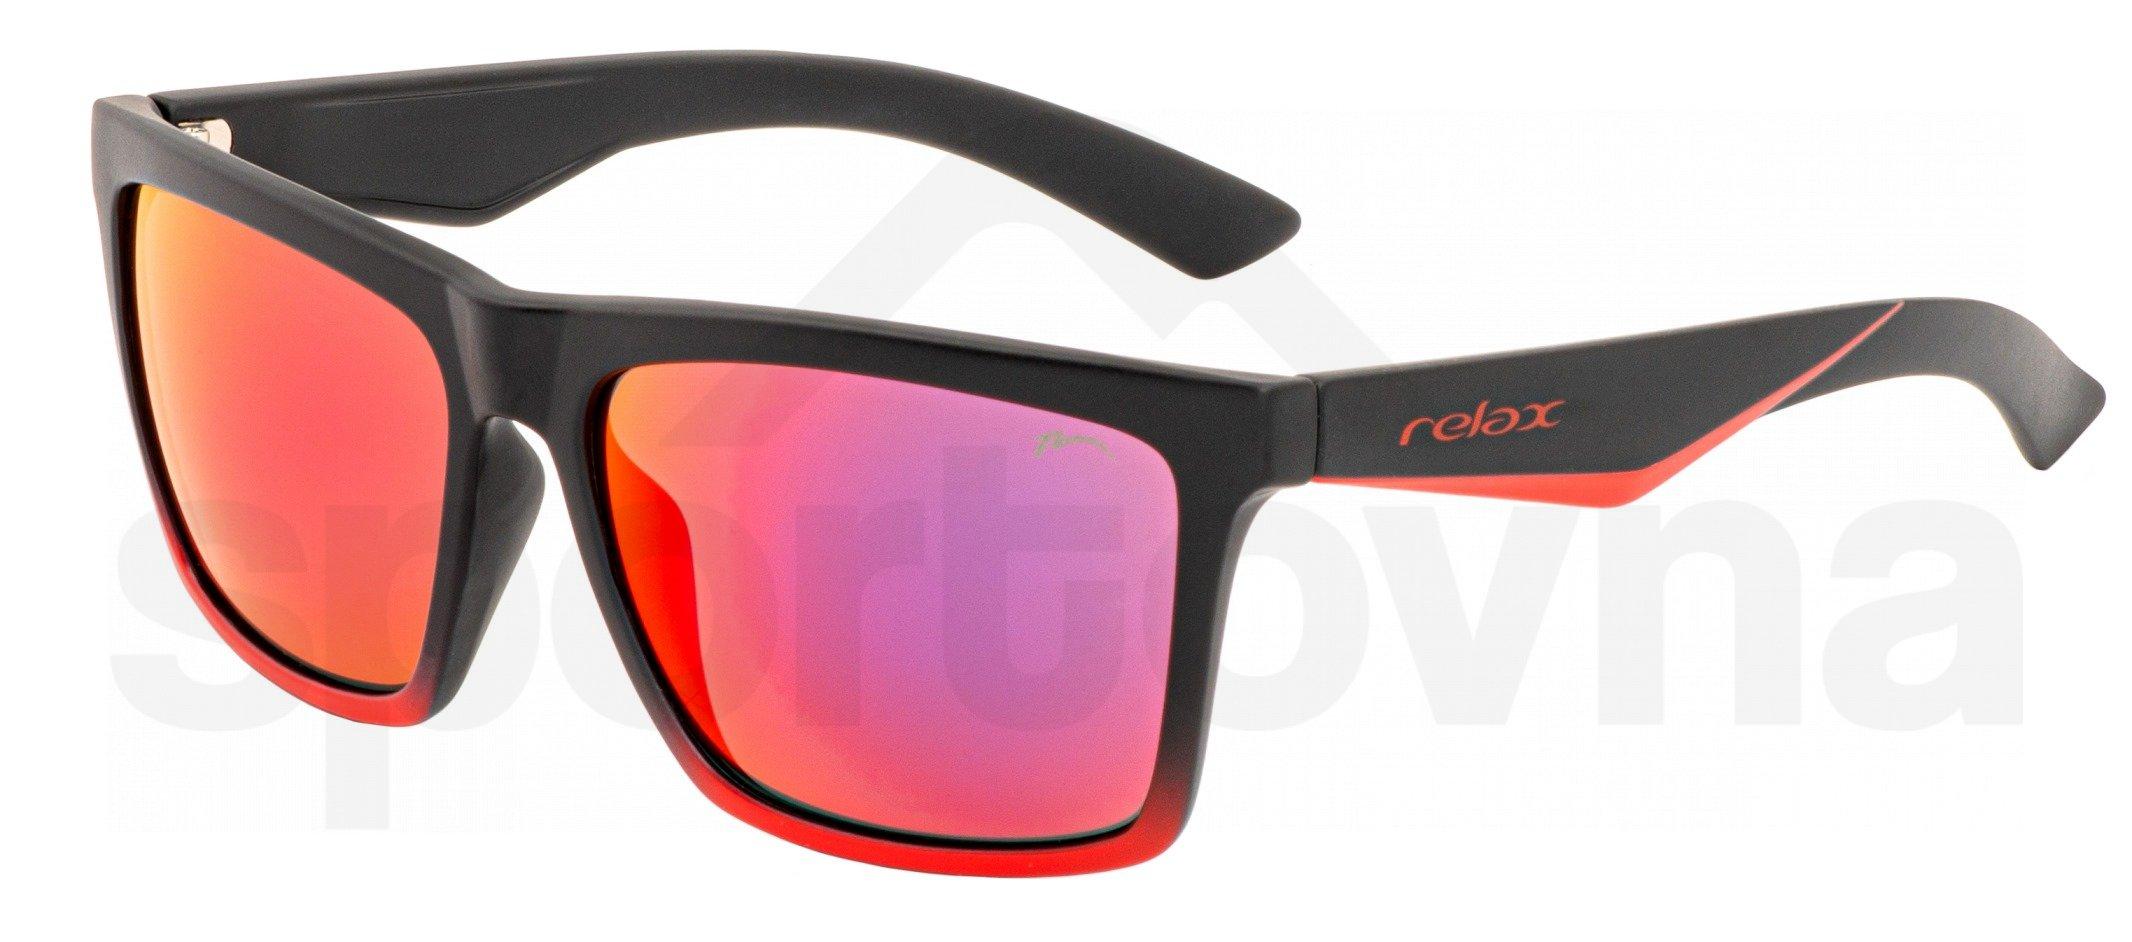 Sluneční brýle Relax Cobi - černá/červená